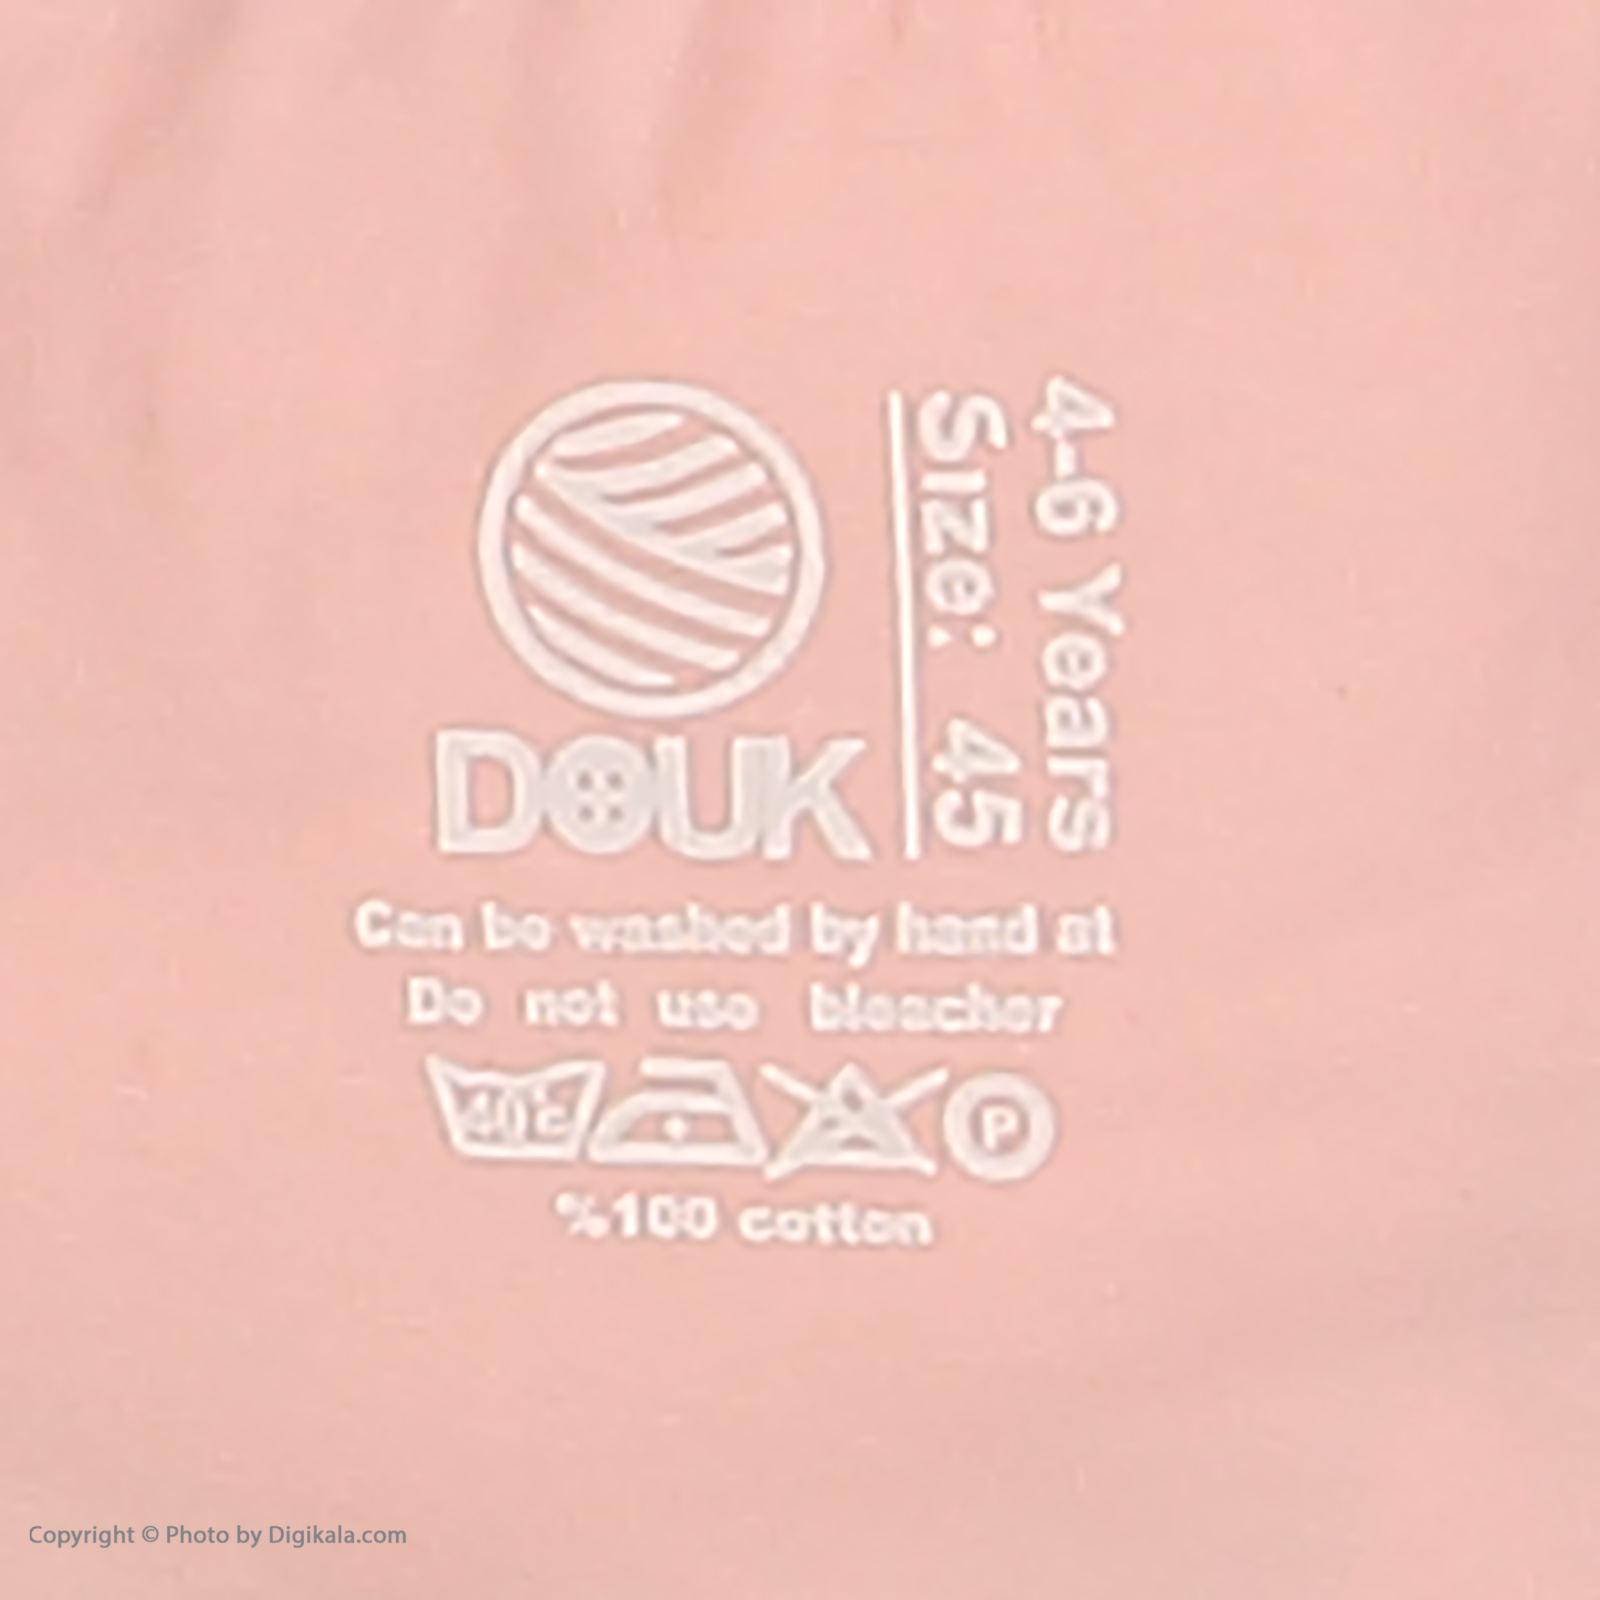 تی شرت دخترانه سون پون مدل 1391350-84 -  - 6